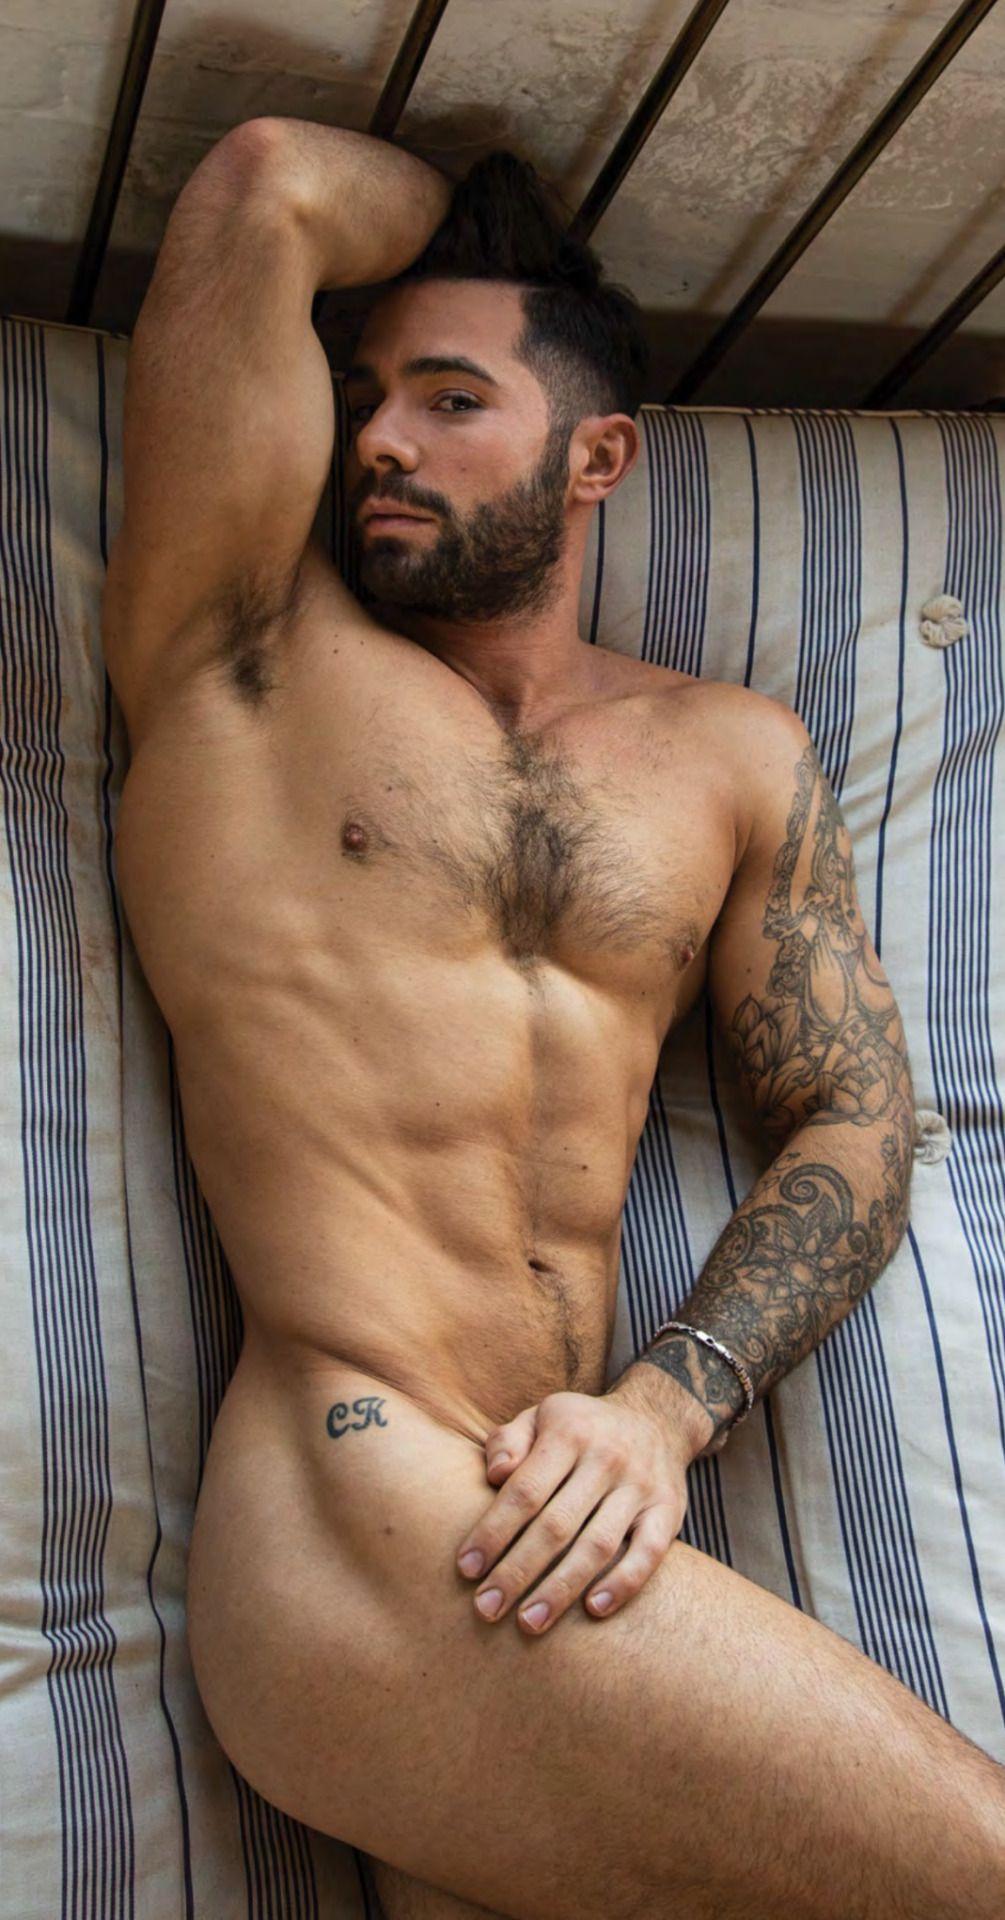 Hombre peludo desnudo 2018 come forum